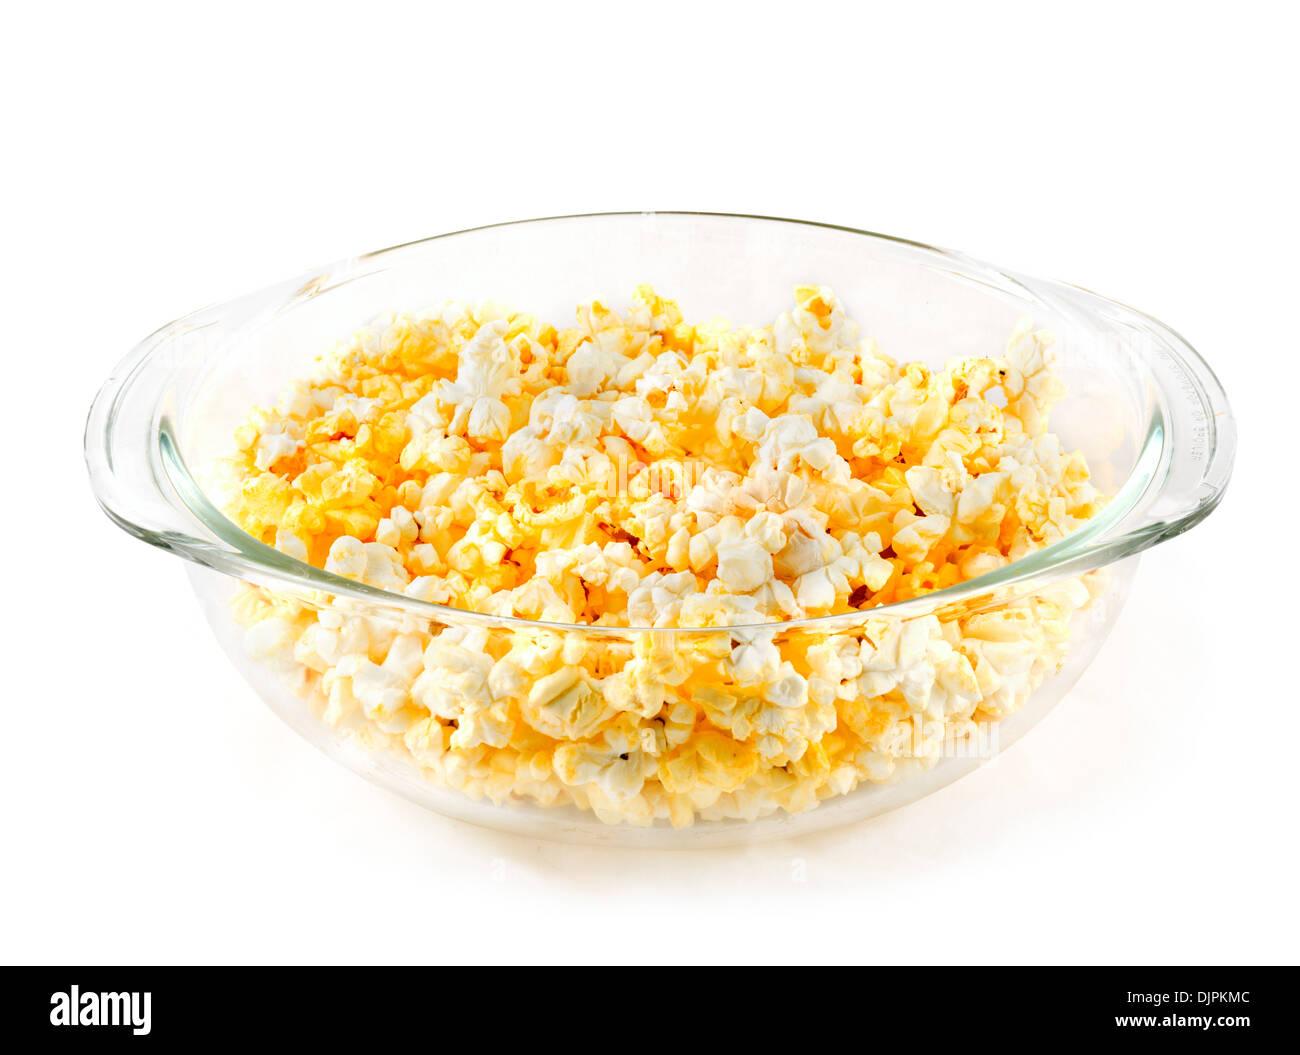 Schüssel mit Mikrowelle Popcorn, USA Stockbild